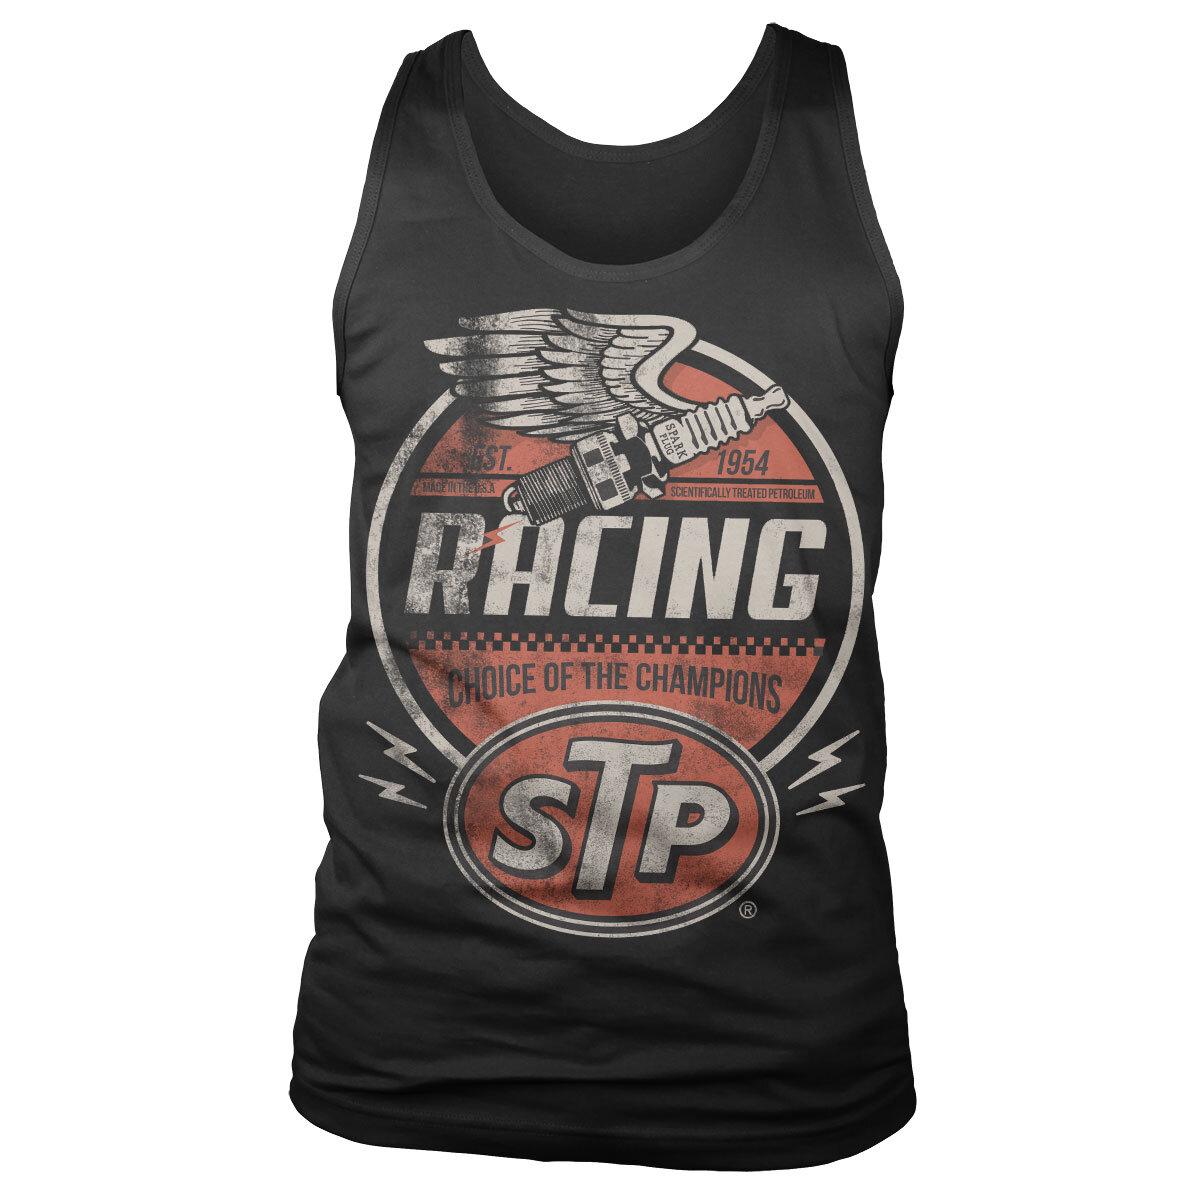 STP Vintage Racing Tank Top